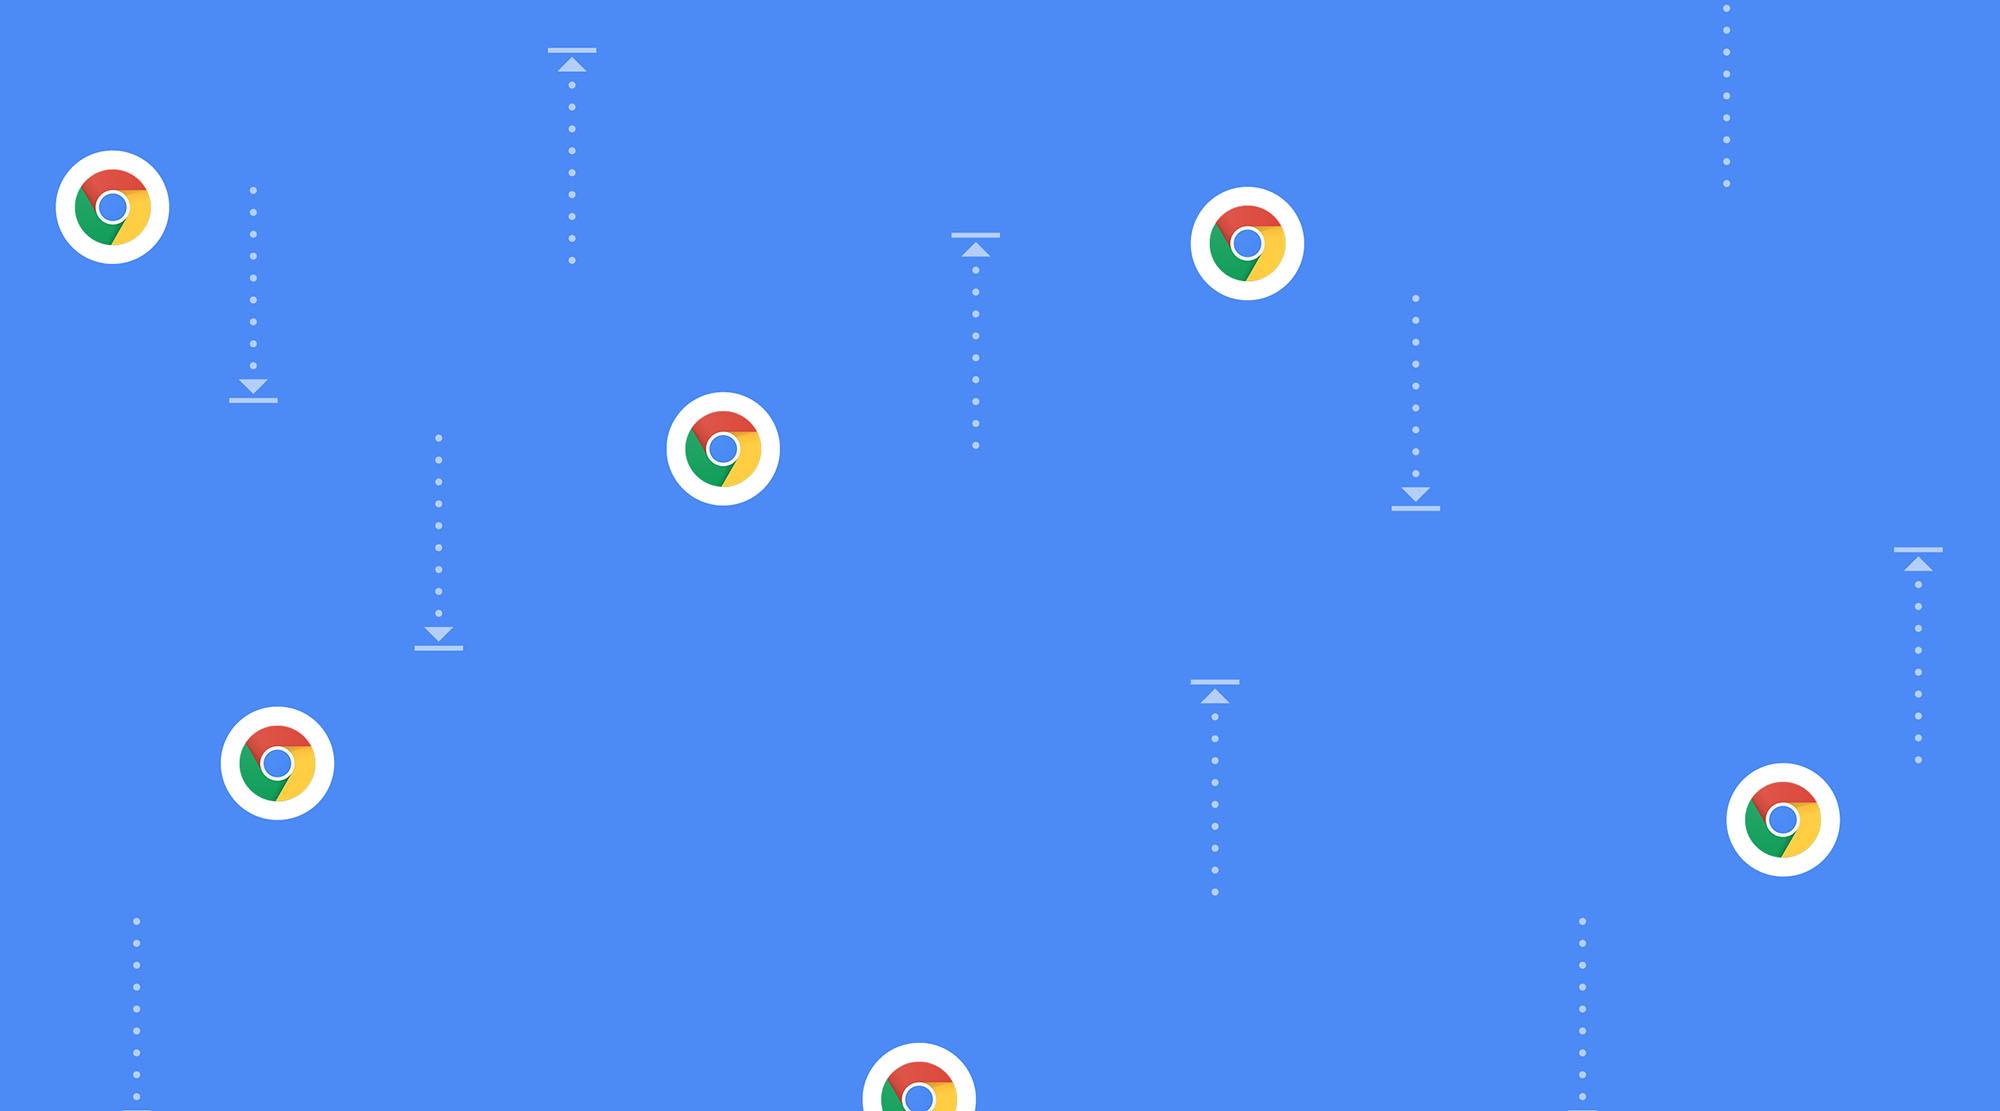 Mettez à jour Google Chrome sans tarder : une faille est exploitée pour des attaques